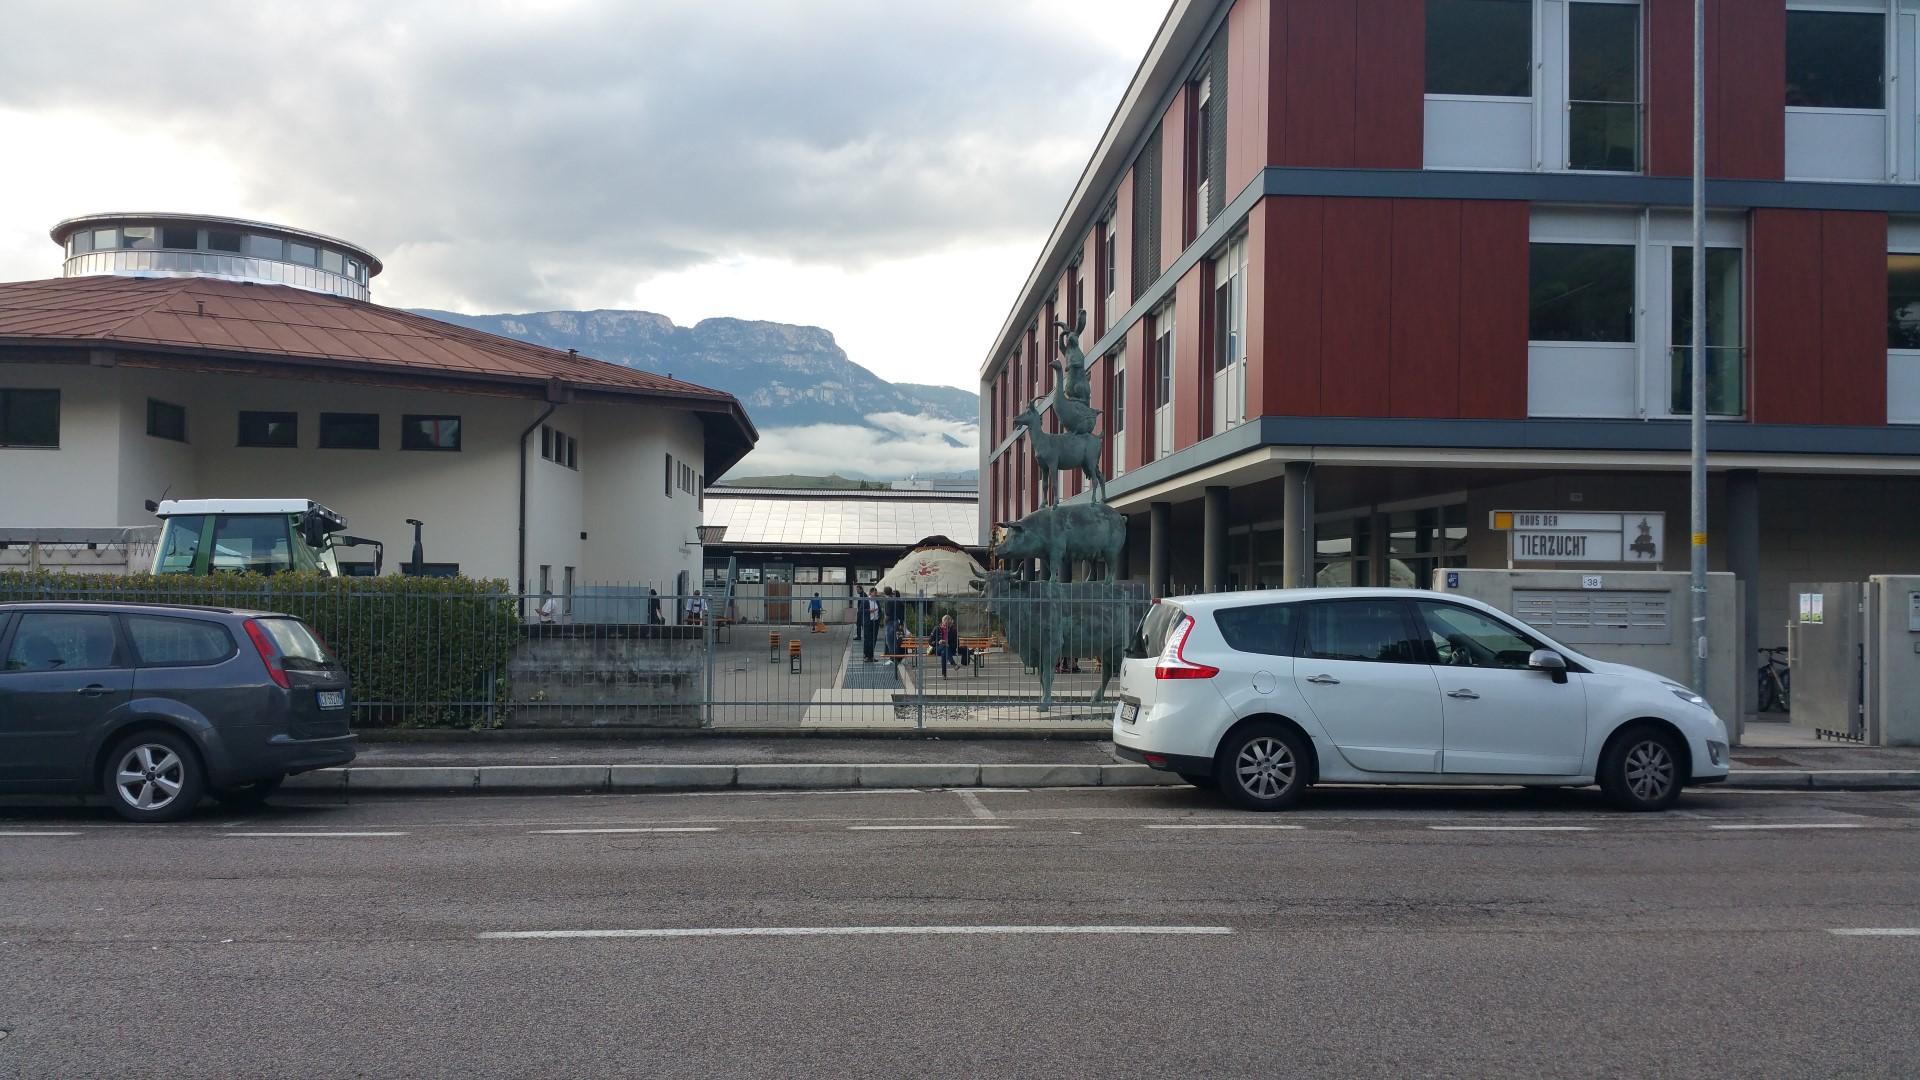 20161015 160854 - Fronte animalista Bolzano - Manifestazione Porte aperte 10 anni della casa della zootecnia